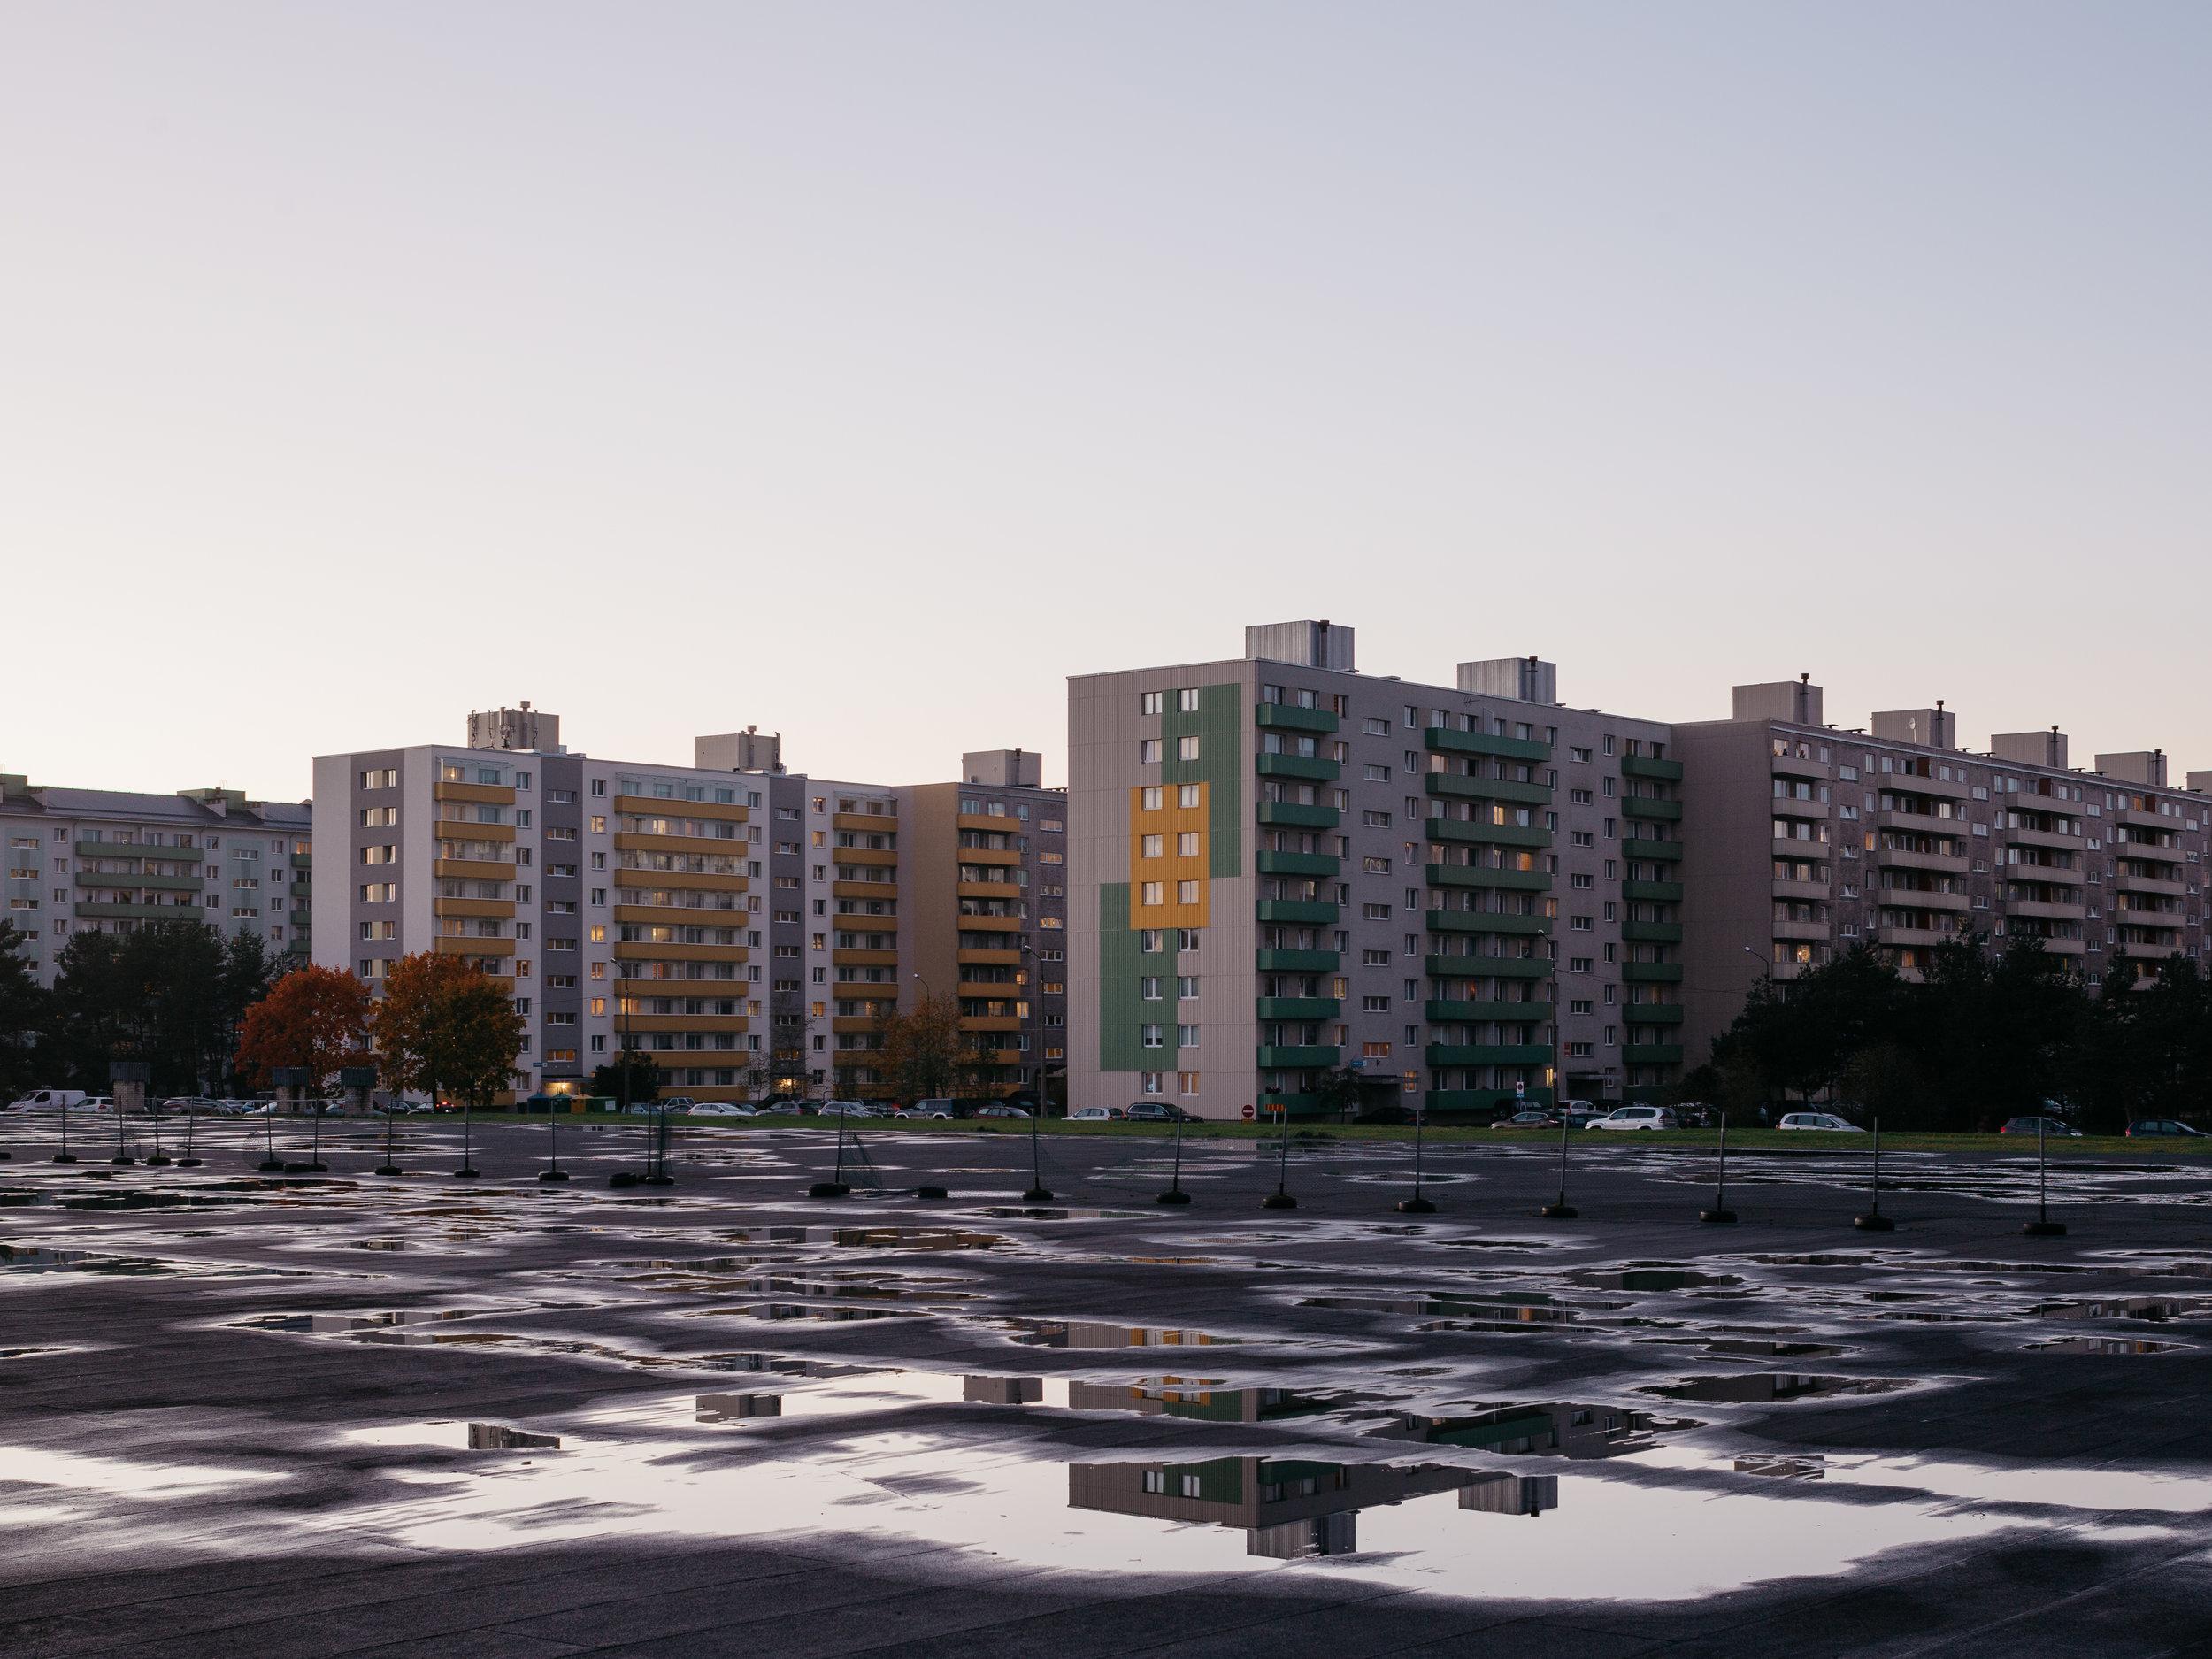 Mustamäe, Tallinn, Estonia, October 2018